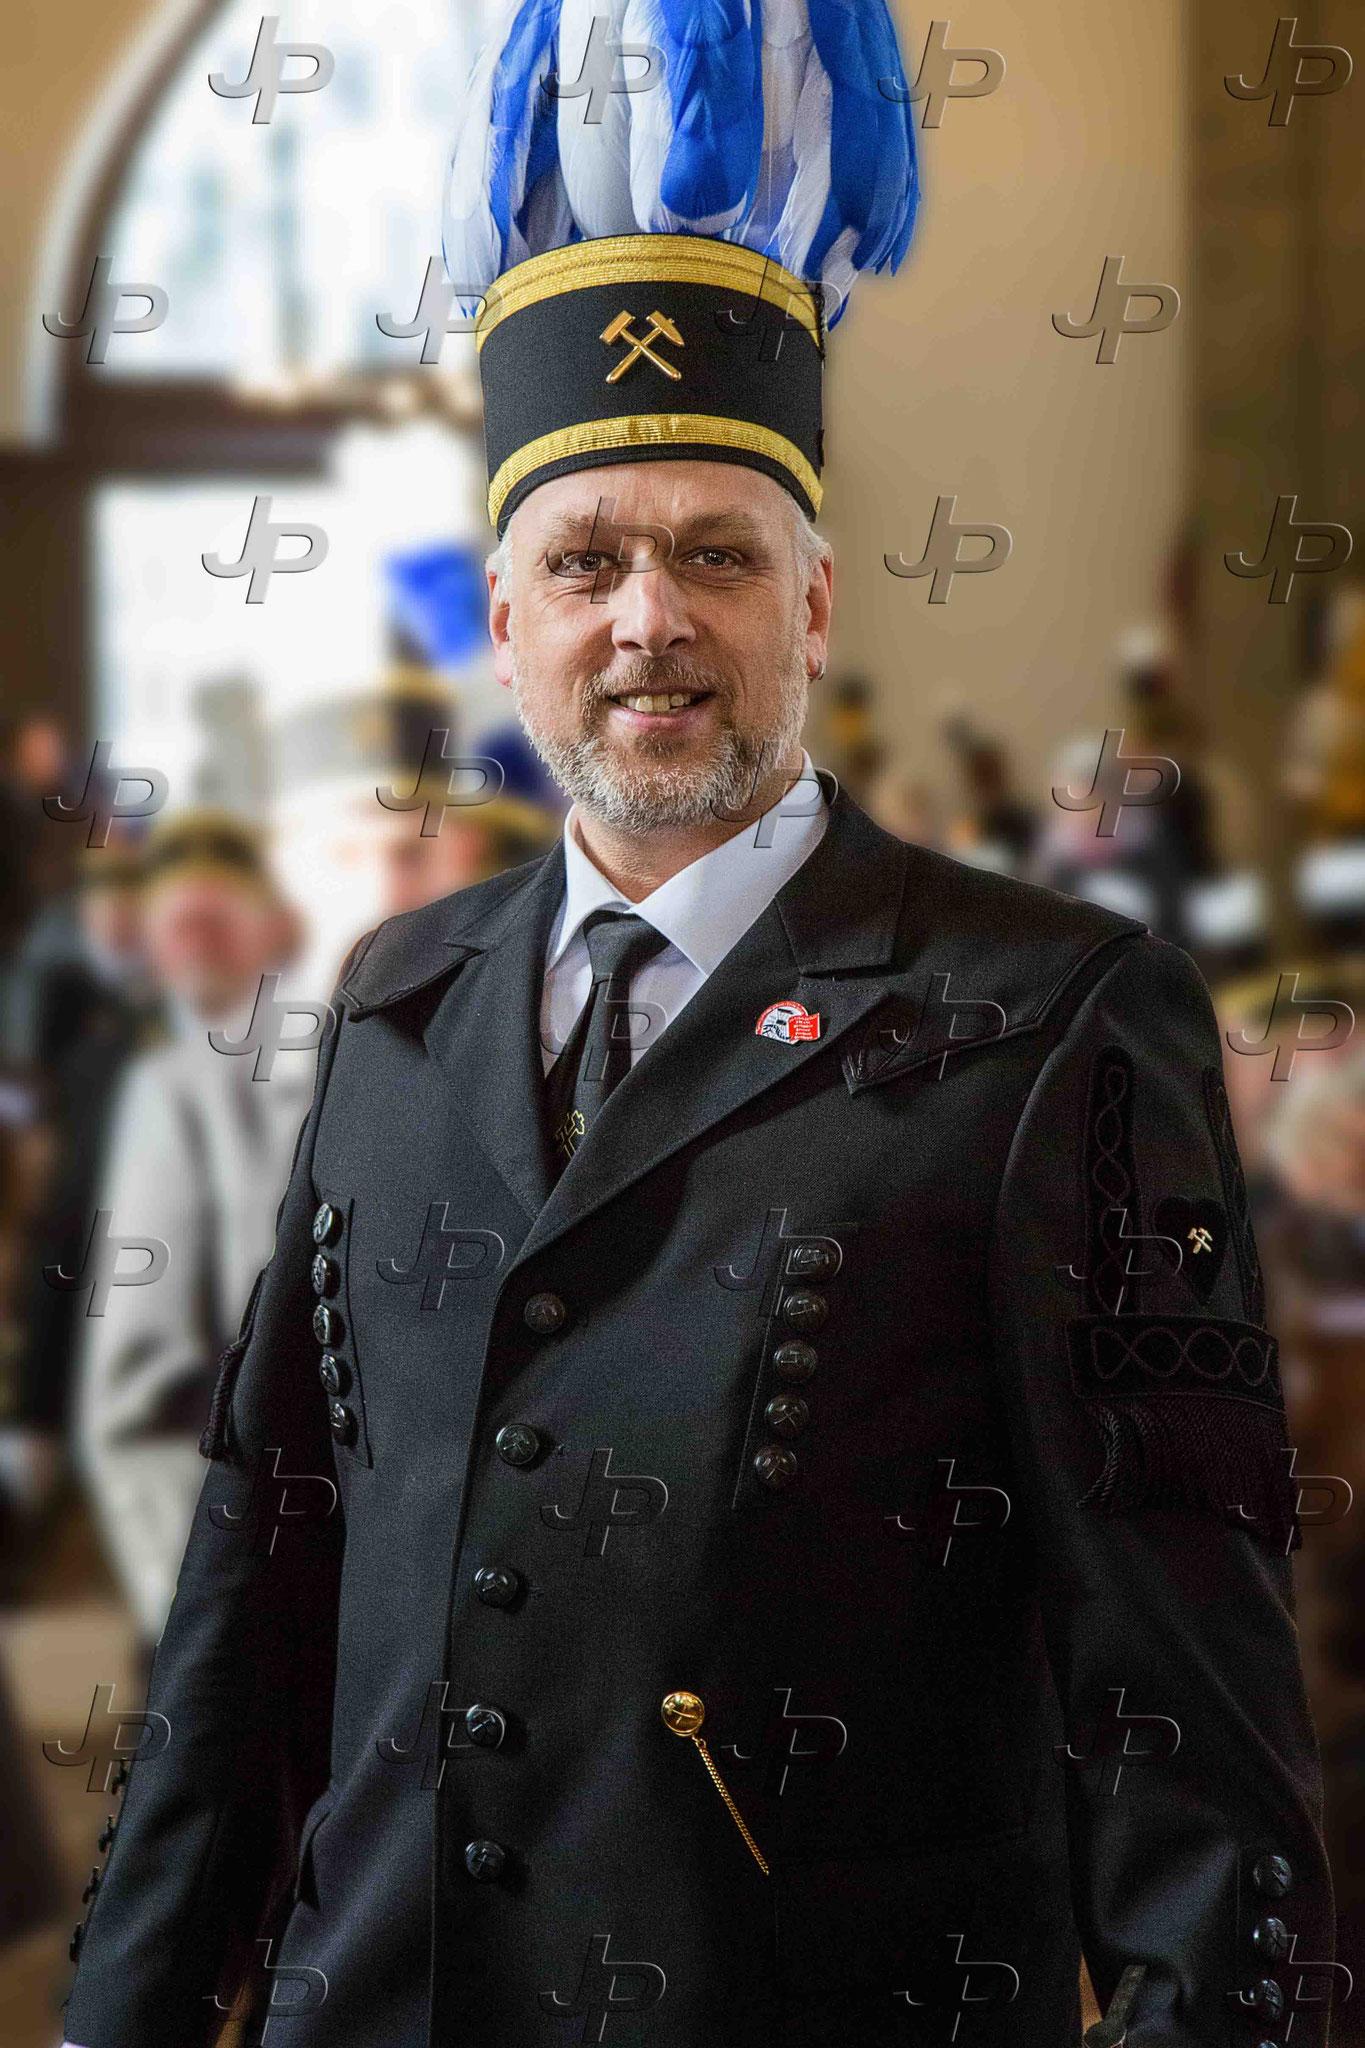 Stefan Mohr  ©Jürgen Post 2018